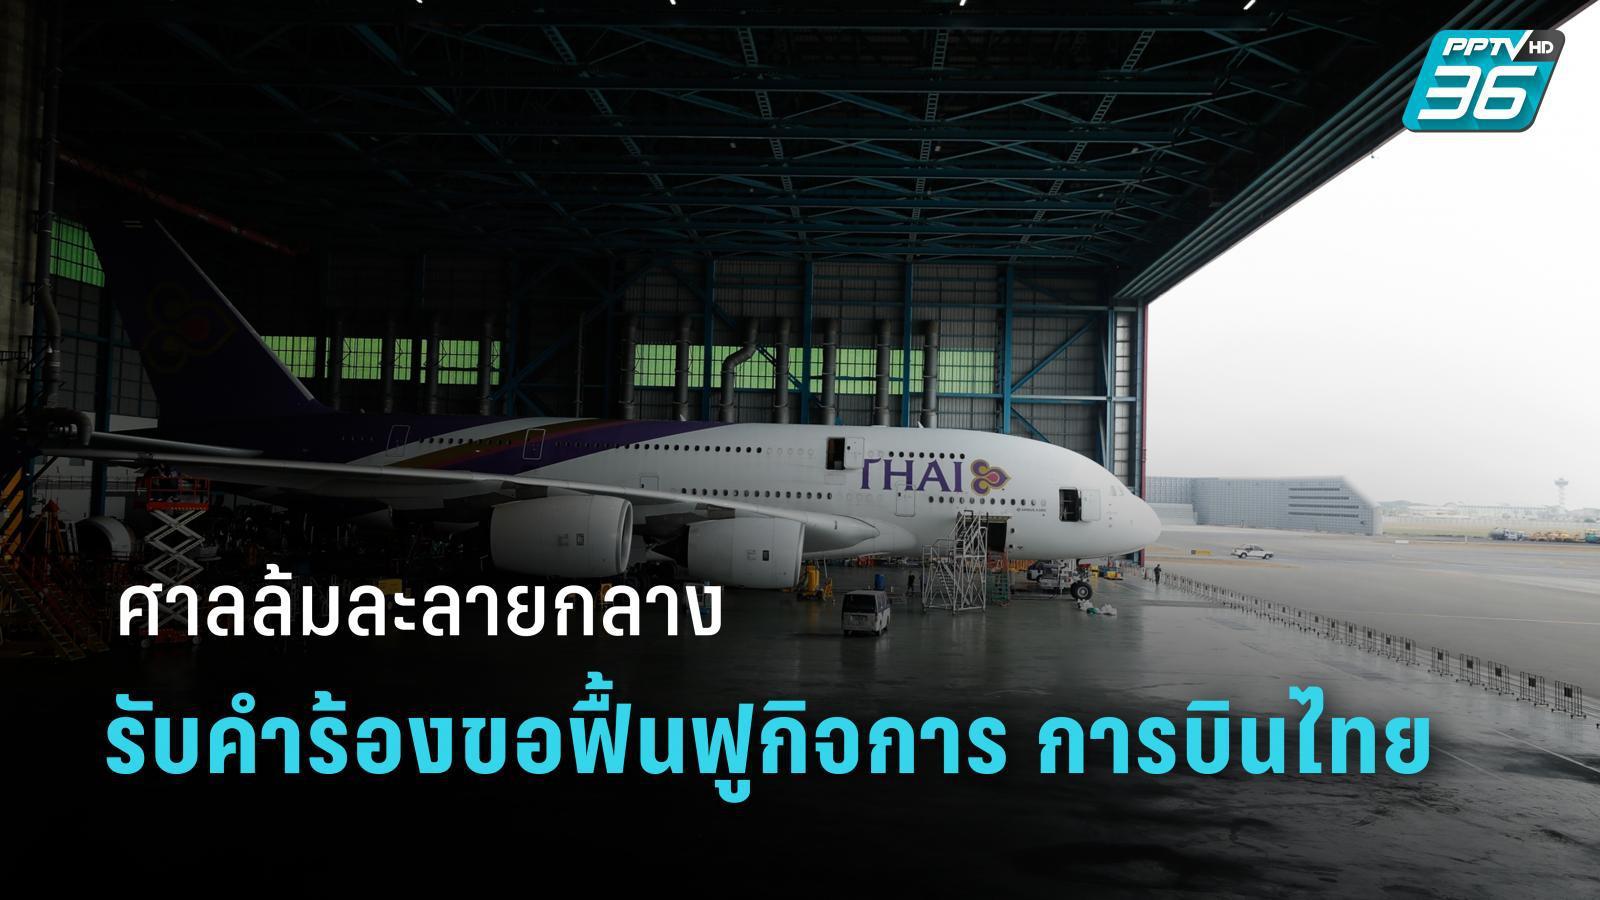 ศาลล้มละลายกลาง รับคำร้องขอฟื้นฟูกิจการ การบินไทย